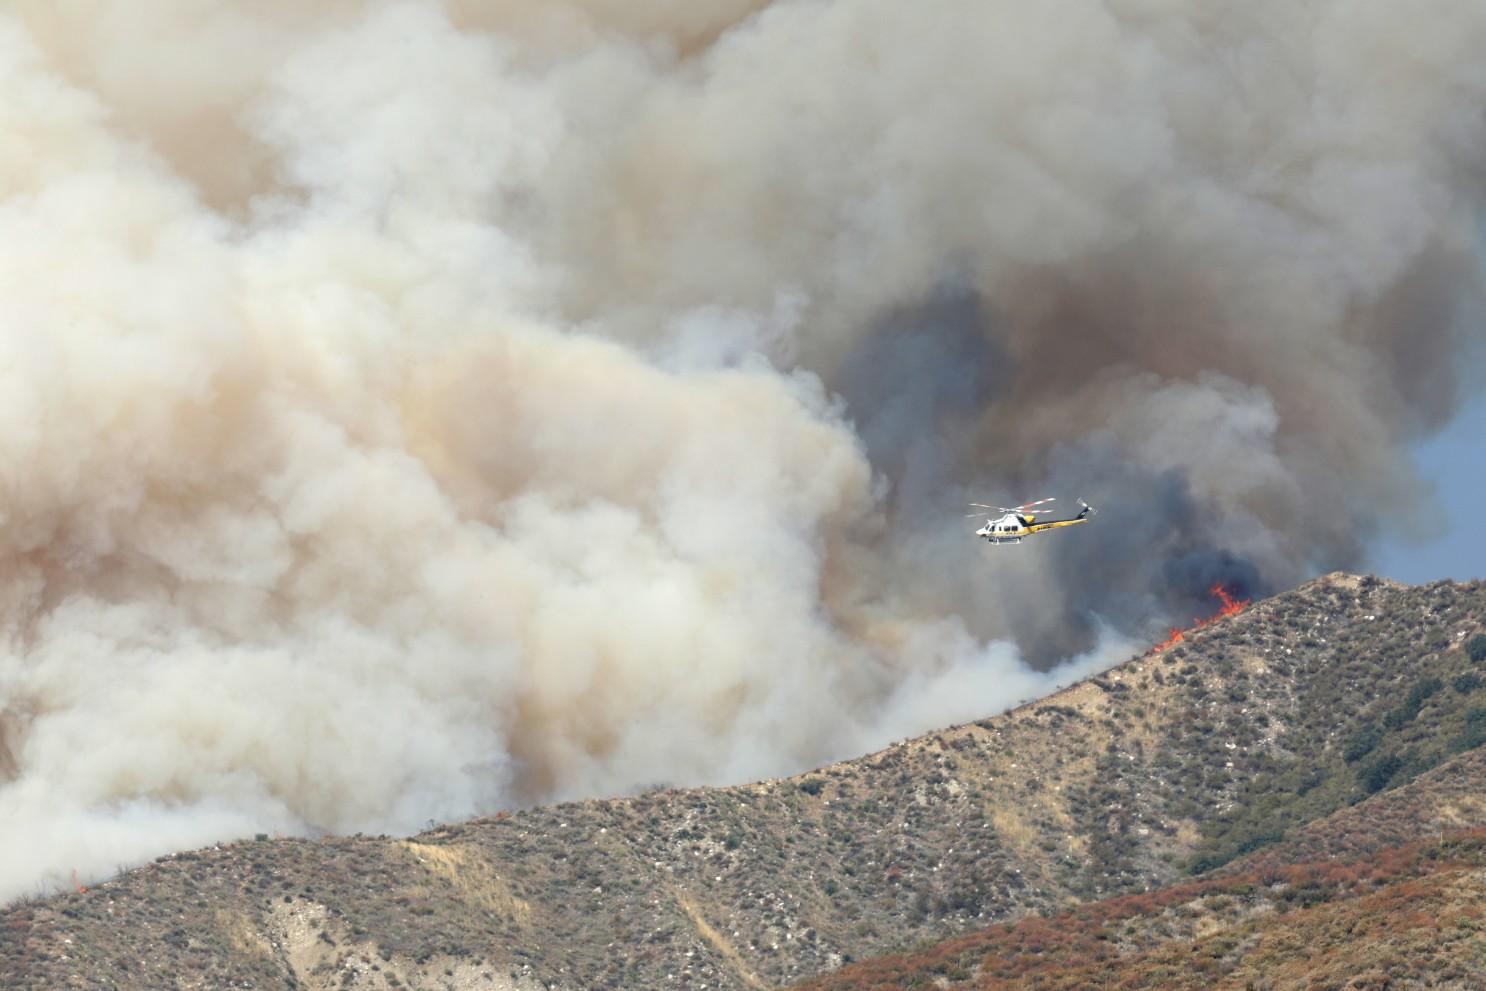 山火季來臨,民眾需注意空氣質量,留意火險理賠。洛杉磯時報圖